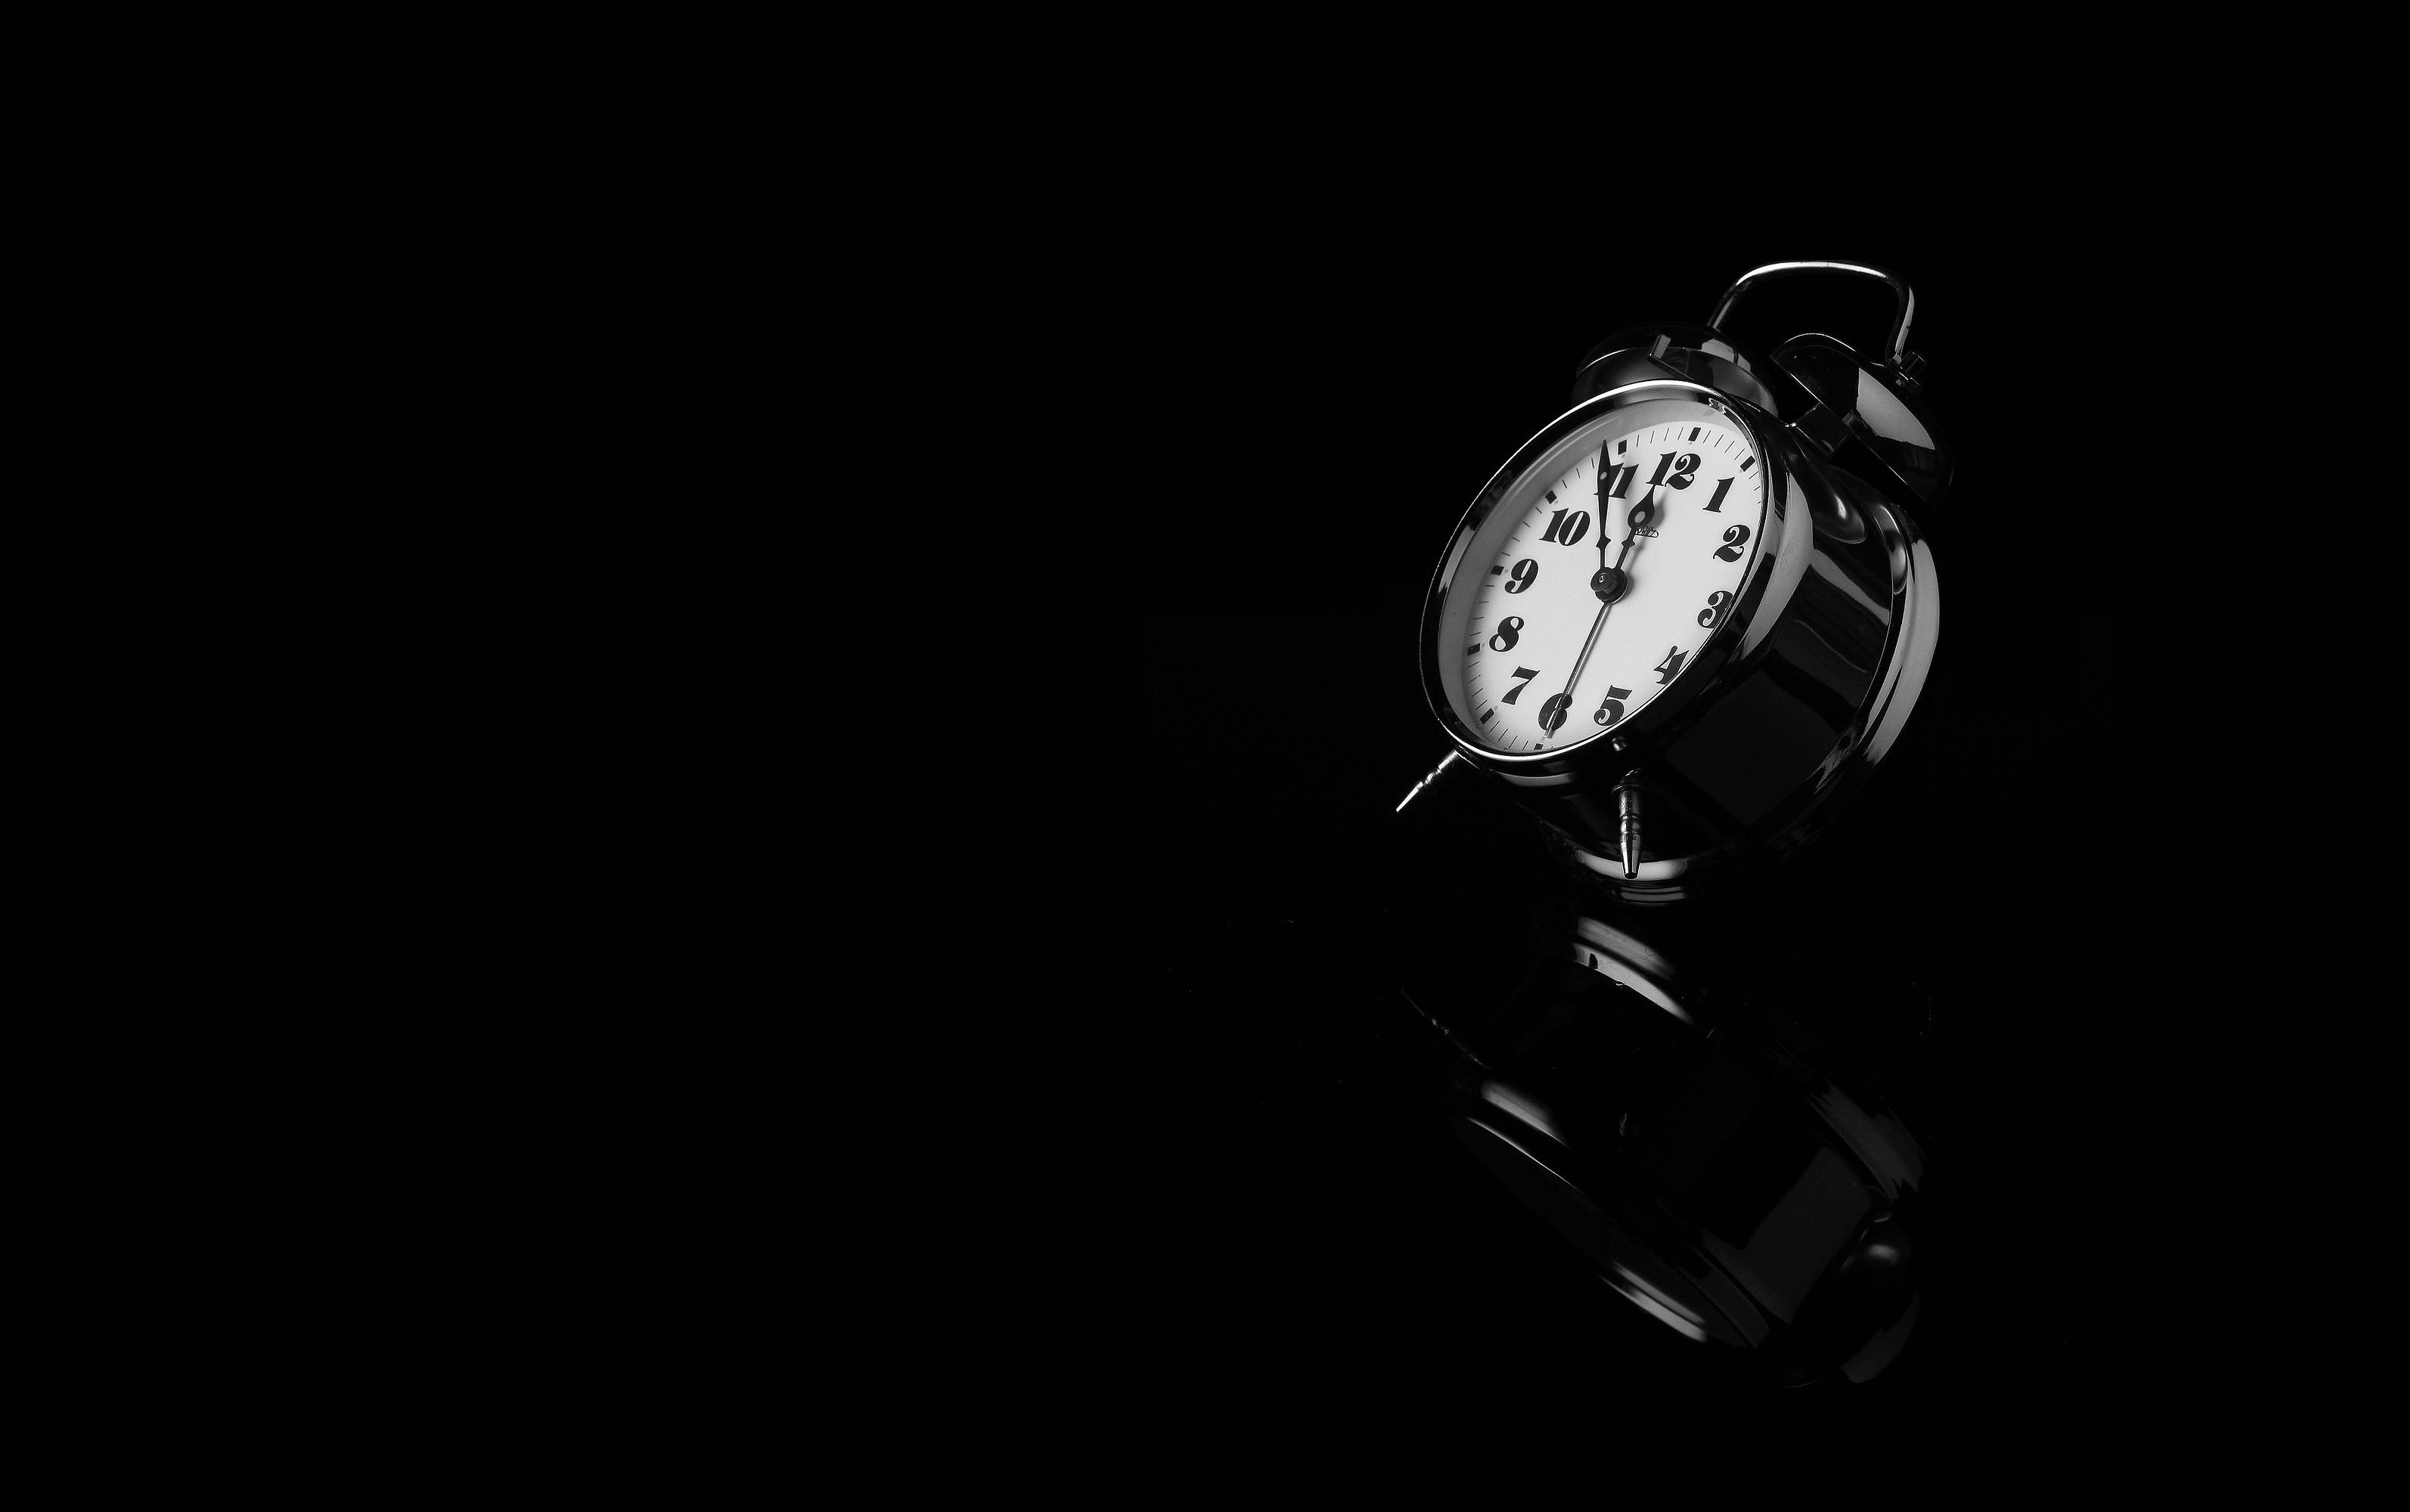 картинка часов на черном фоне особенность дома дворцовый